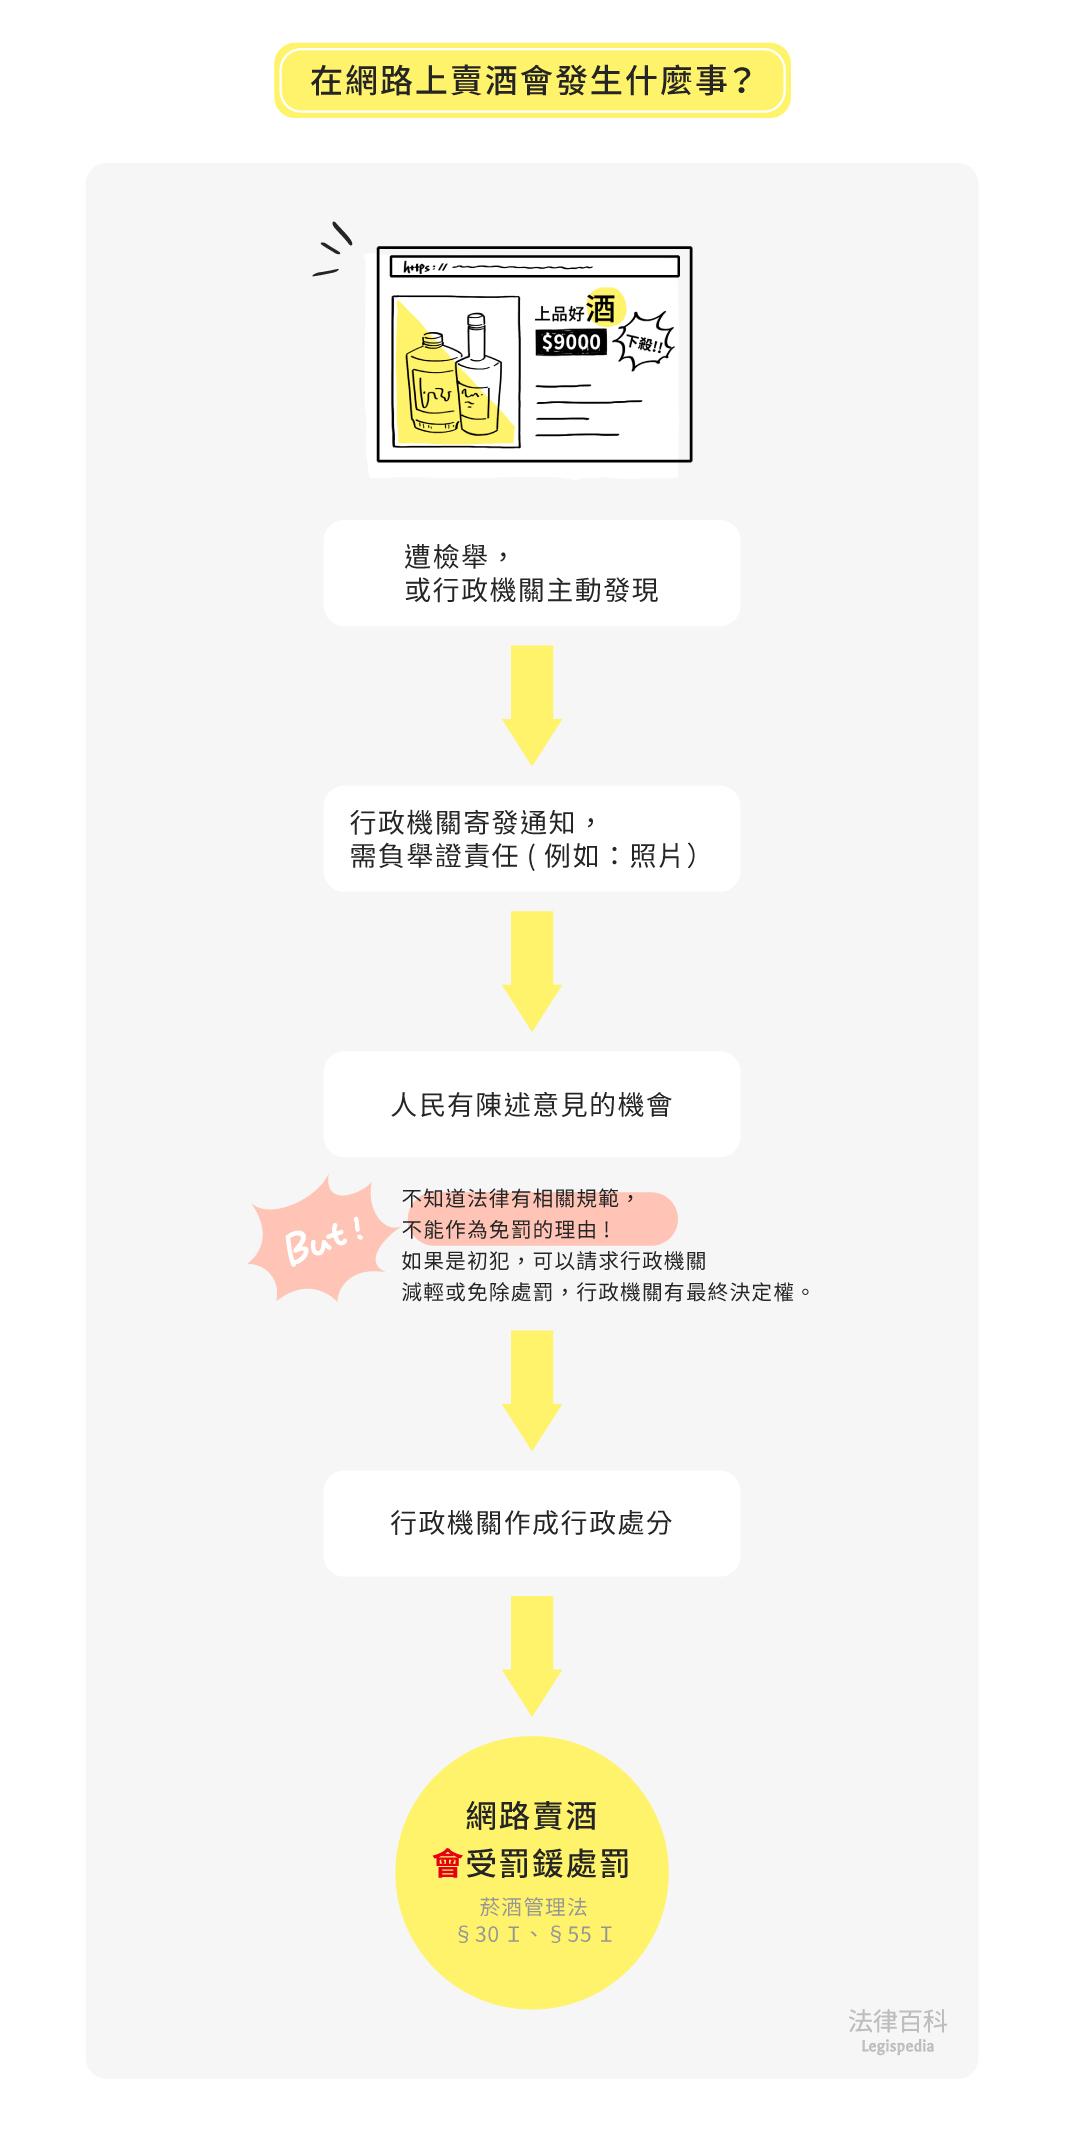 圖1 在網路上賣酒會發生什麼事?  資料來源:林承右 / 繪圖:Yen